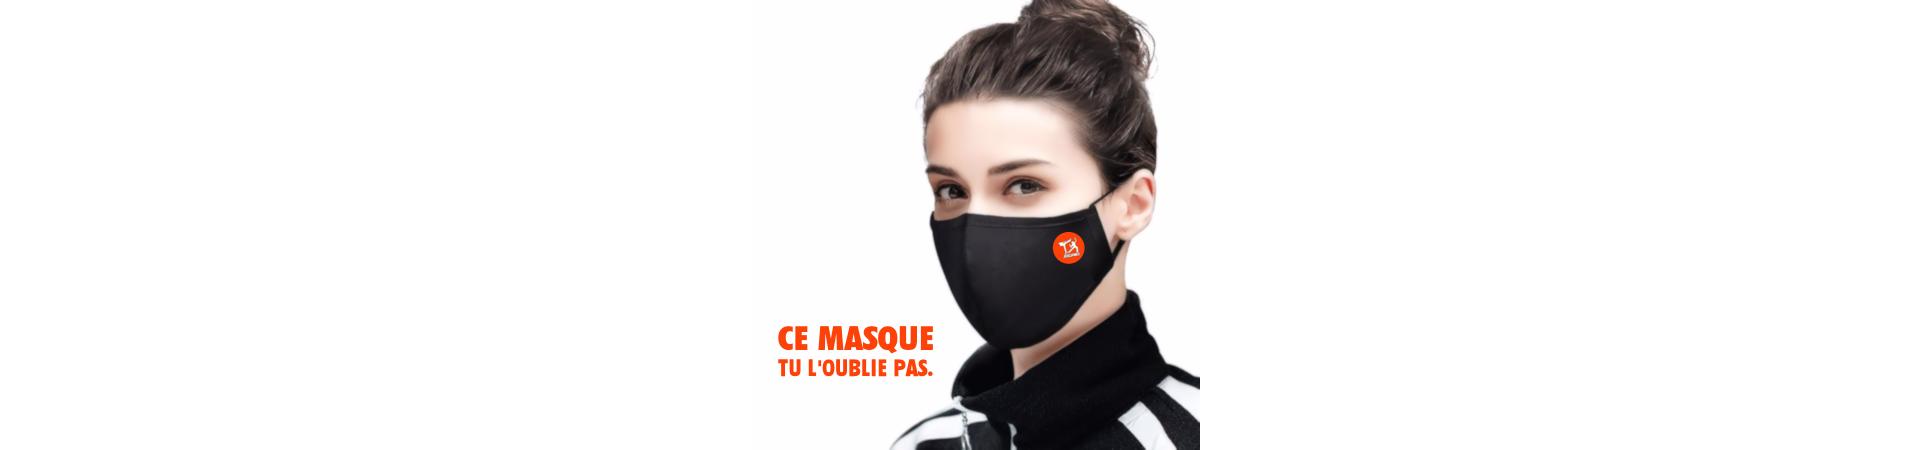 masque de sport ergonomique réutilisable lavable covid19 coronavirus